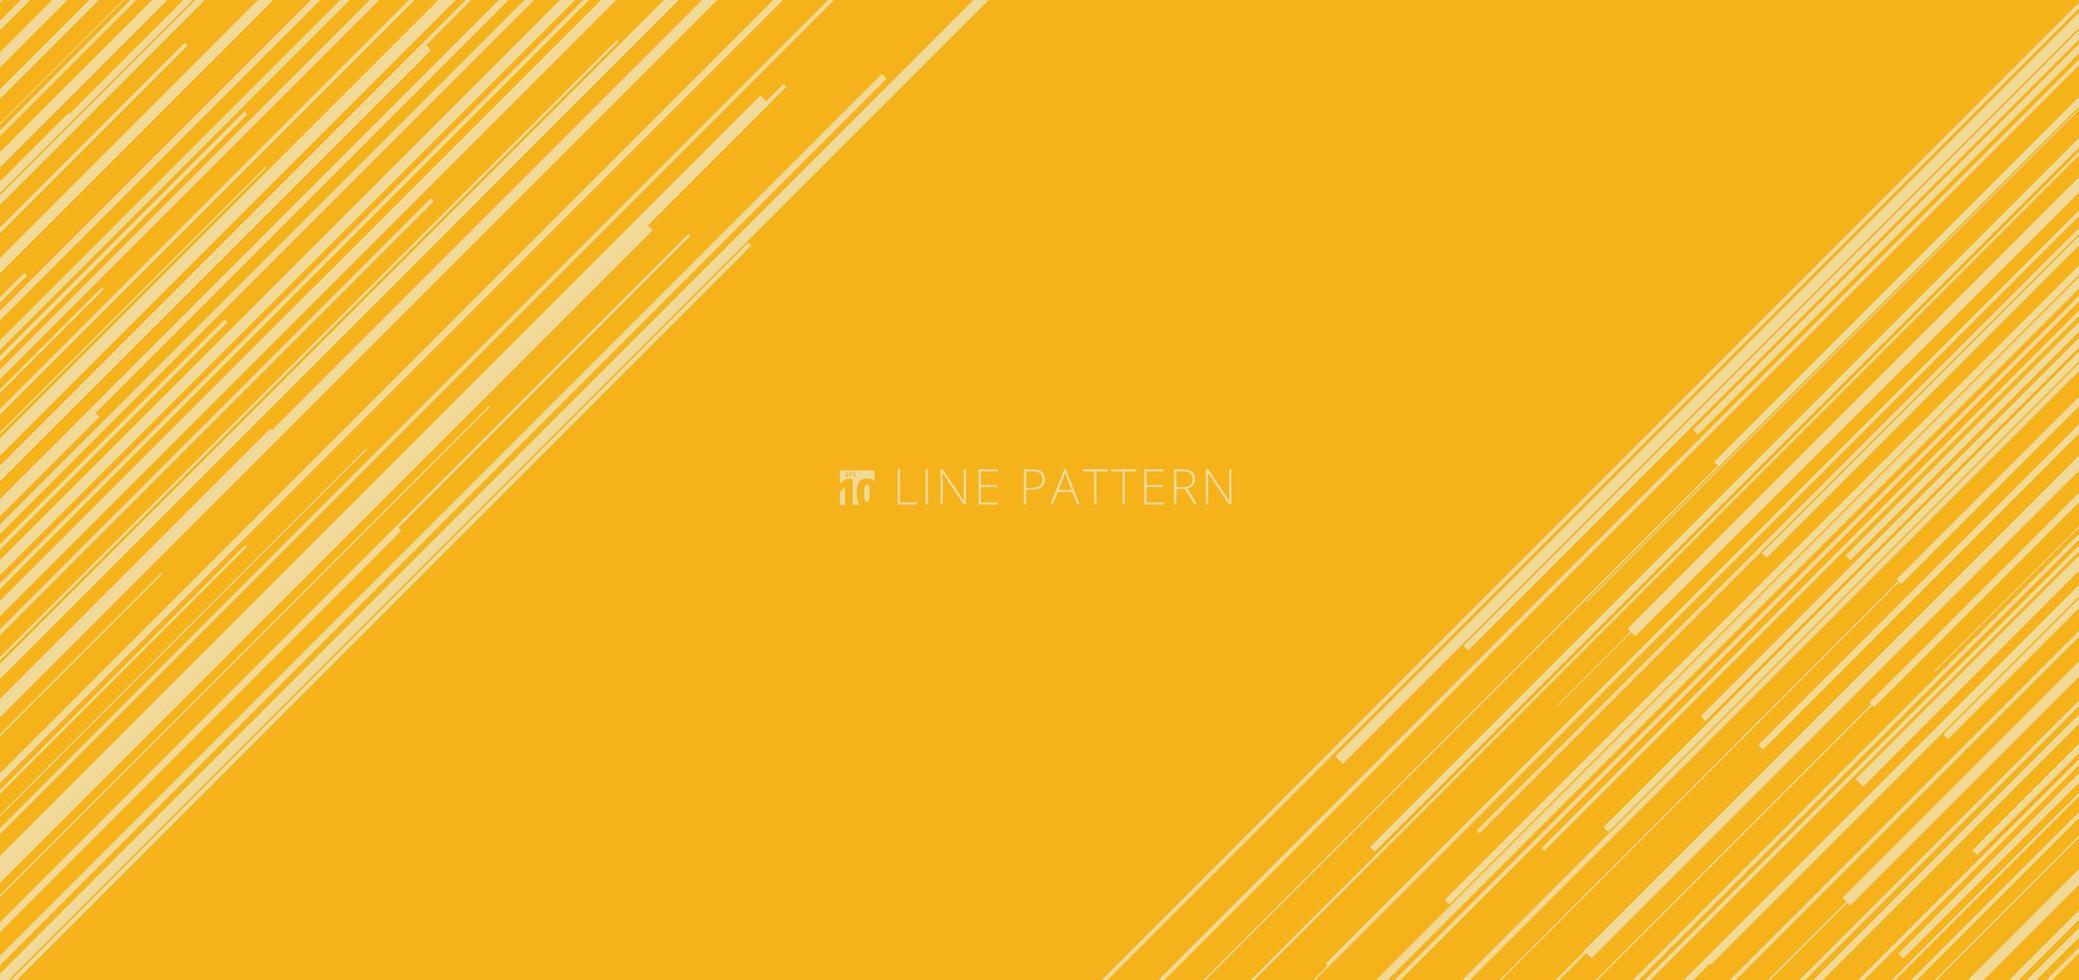 modello di banner web astratto modello di linee di velocità diagonale giallo chiaro su sfondo giallo e texture. vettore